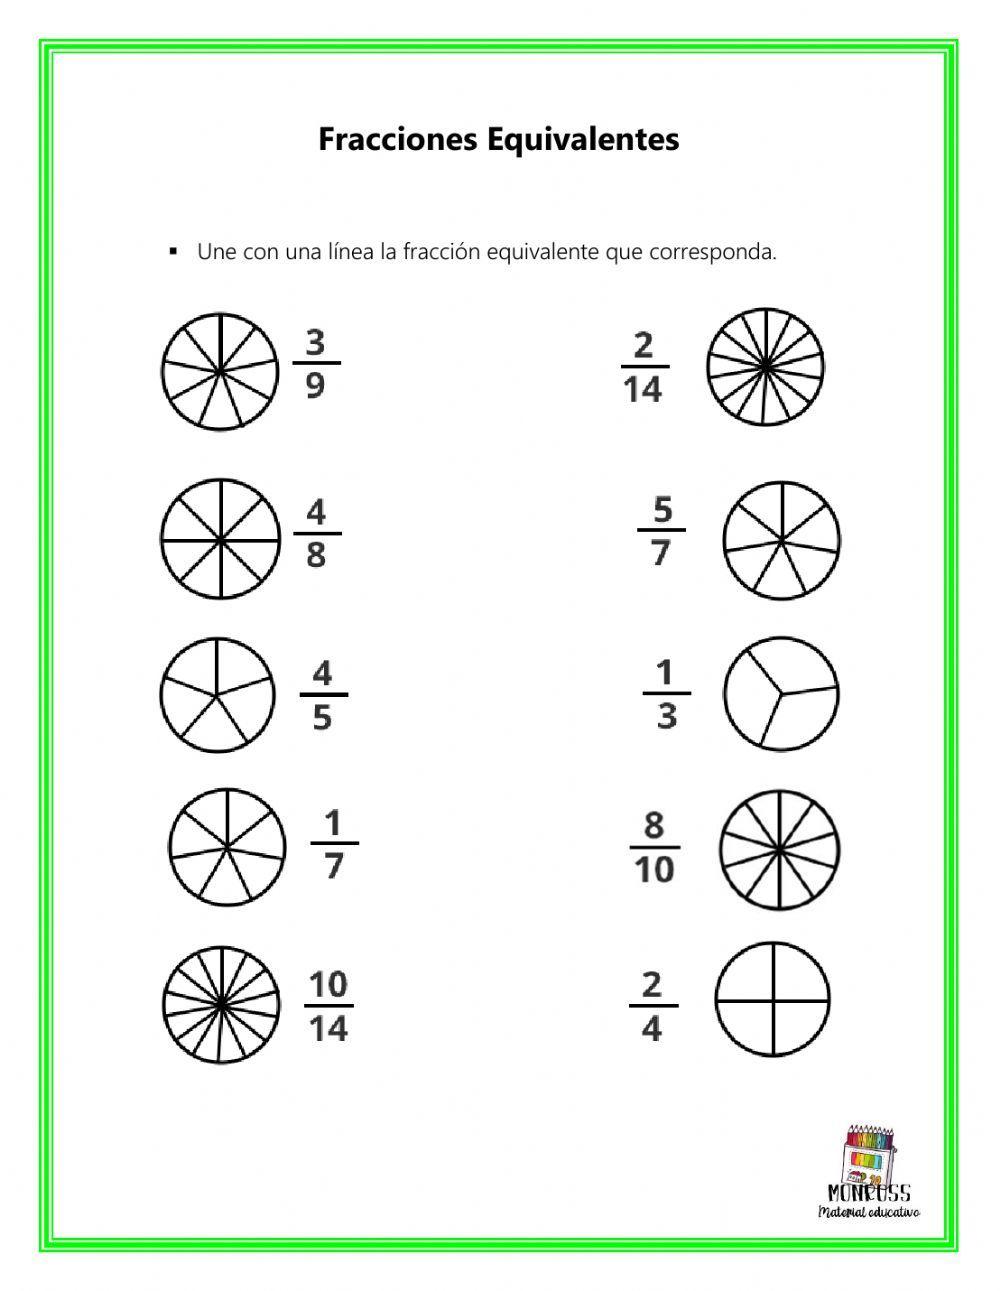 Fracciones Equivalentes Ficha Interactiva Fracciones Equivalentes Fracciones Matematicas Tercer Grado